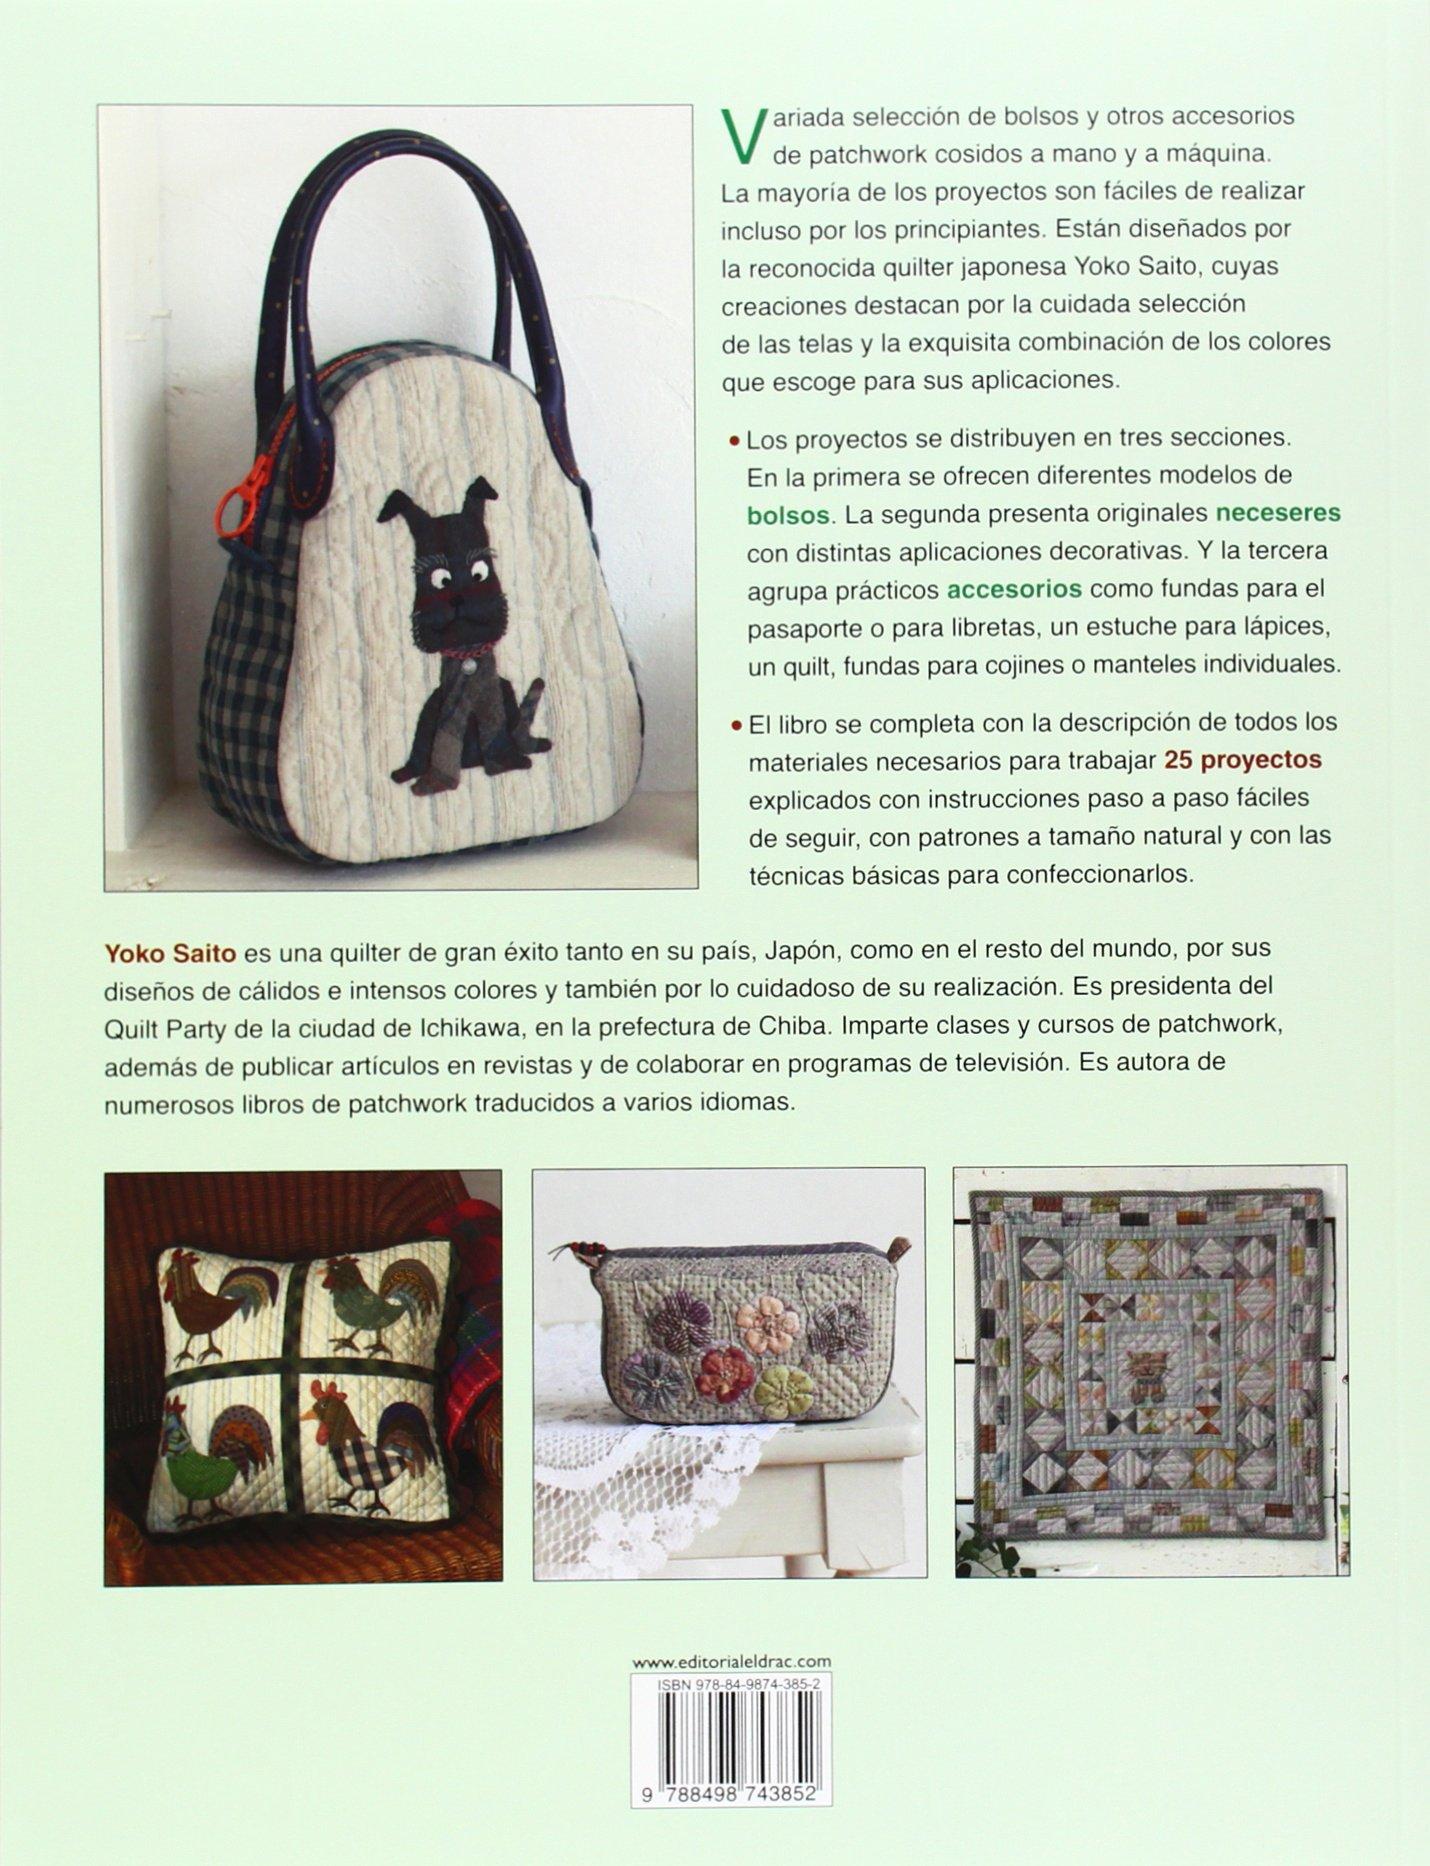 Bolsos Y Accesorios De Patchwork Japoneses: Amazon.es: Saito, Yoko: Libros